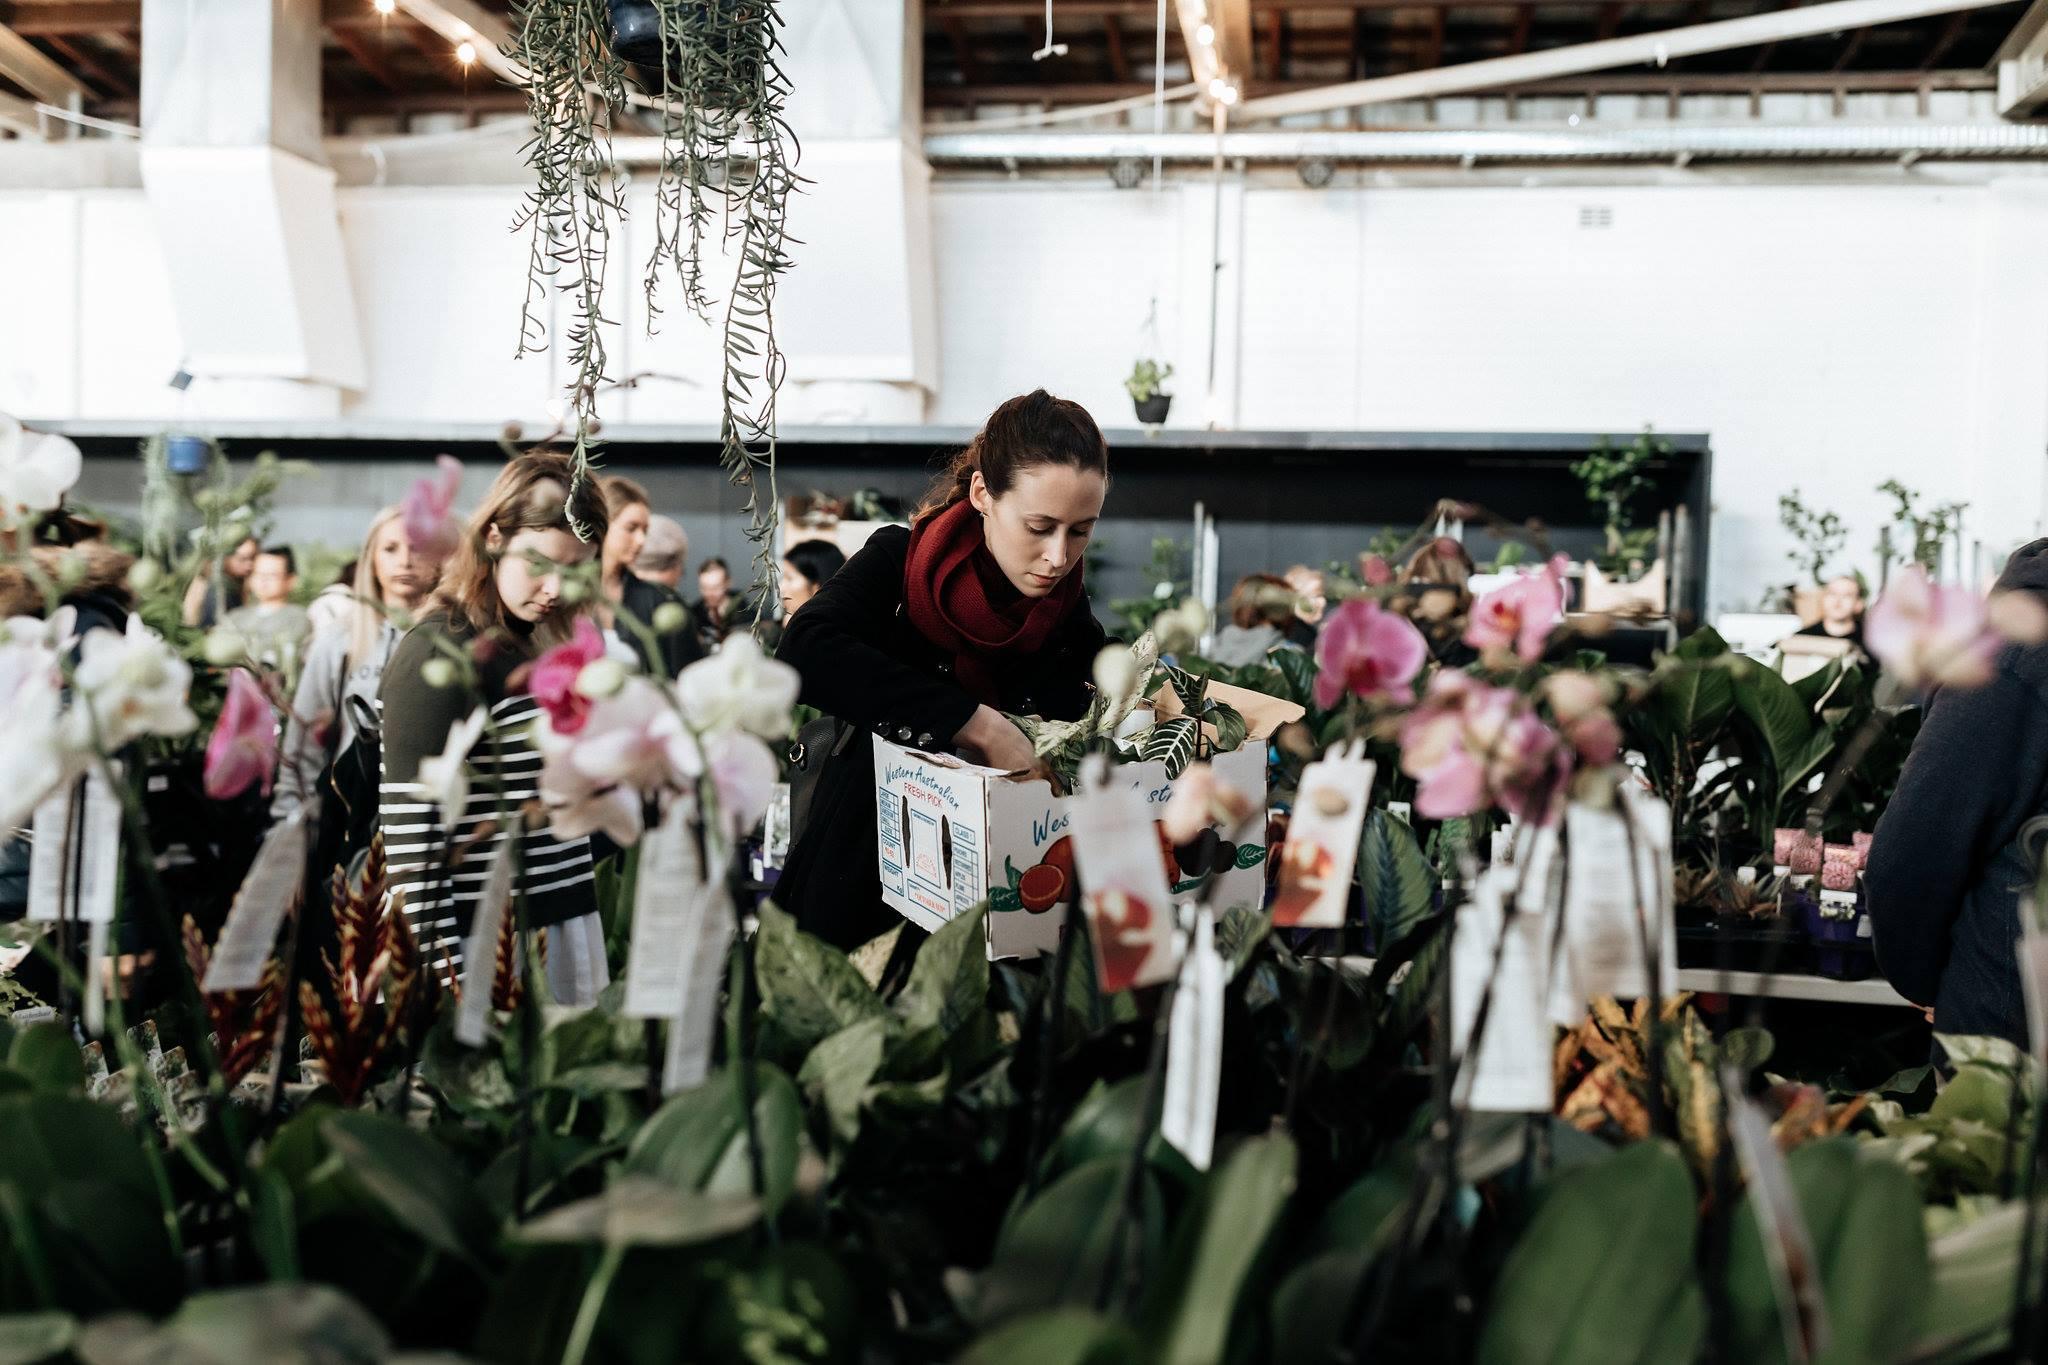 Perth Indoor Plant Sale Online